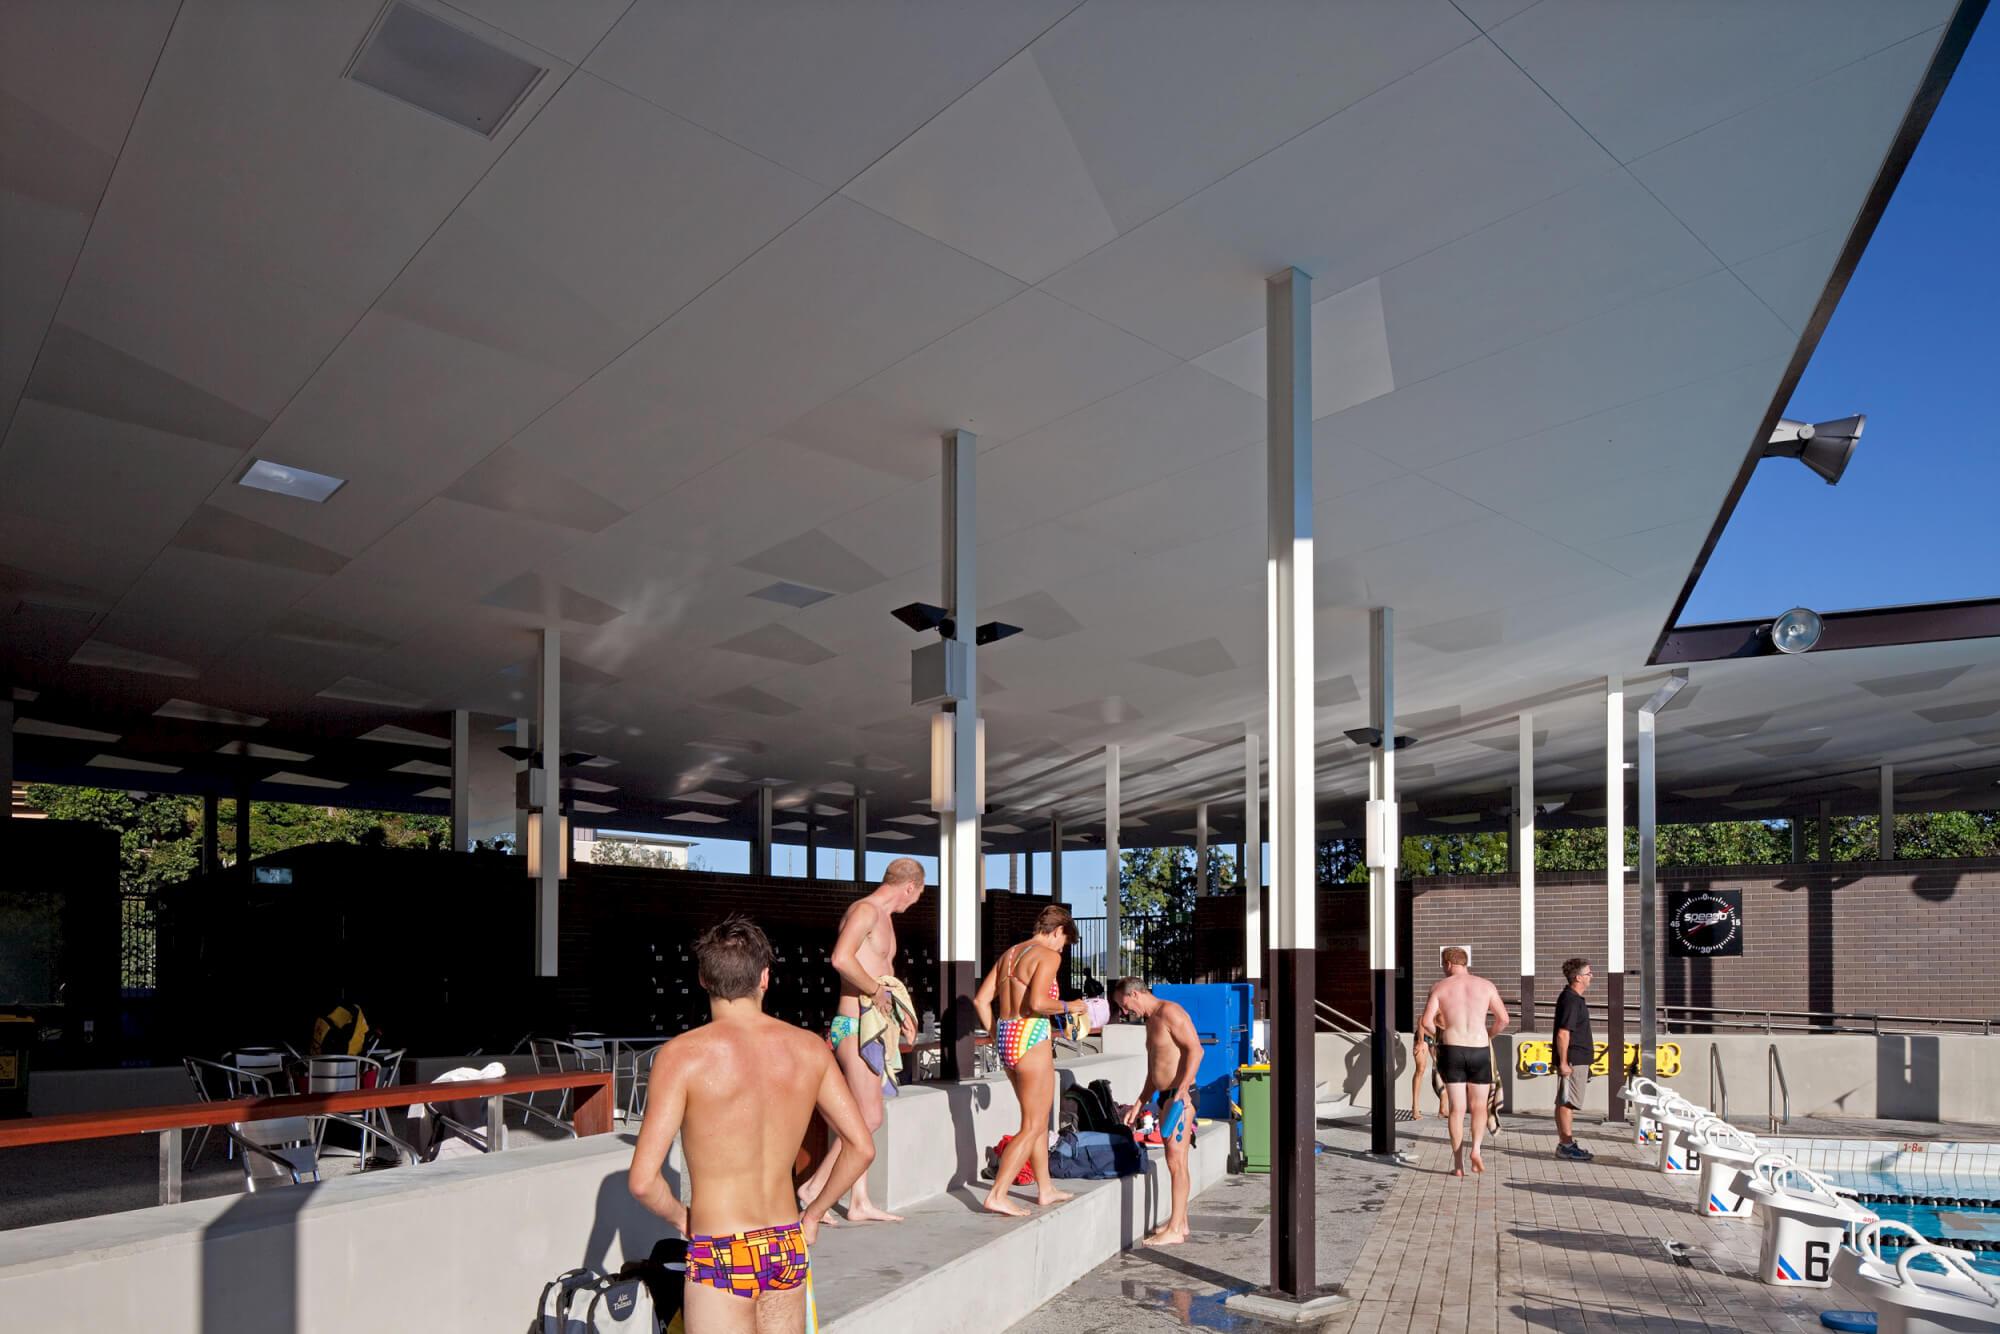 University Of Queensland Aquatic Centre David Theile